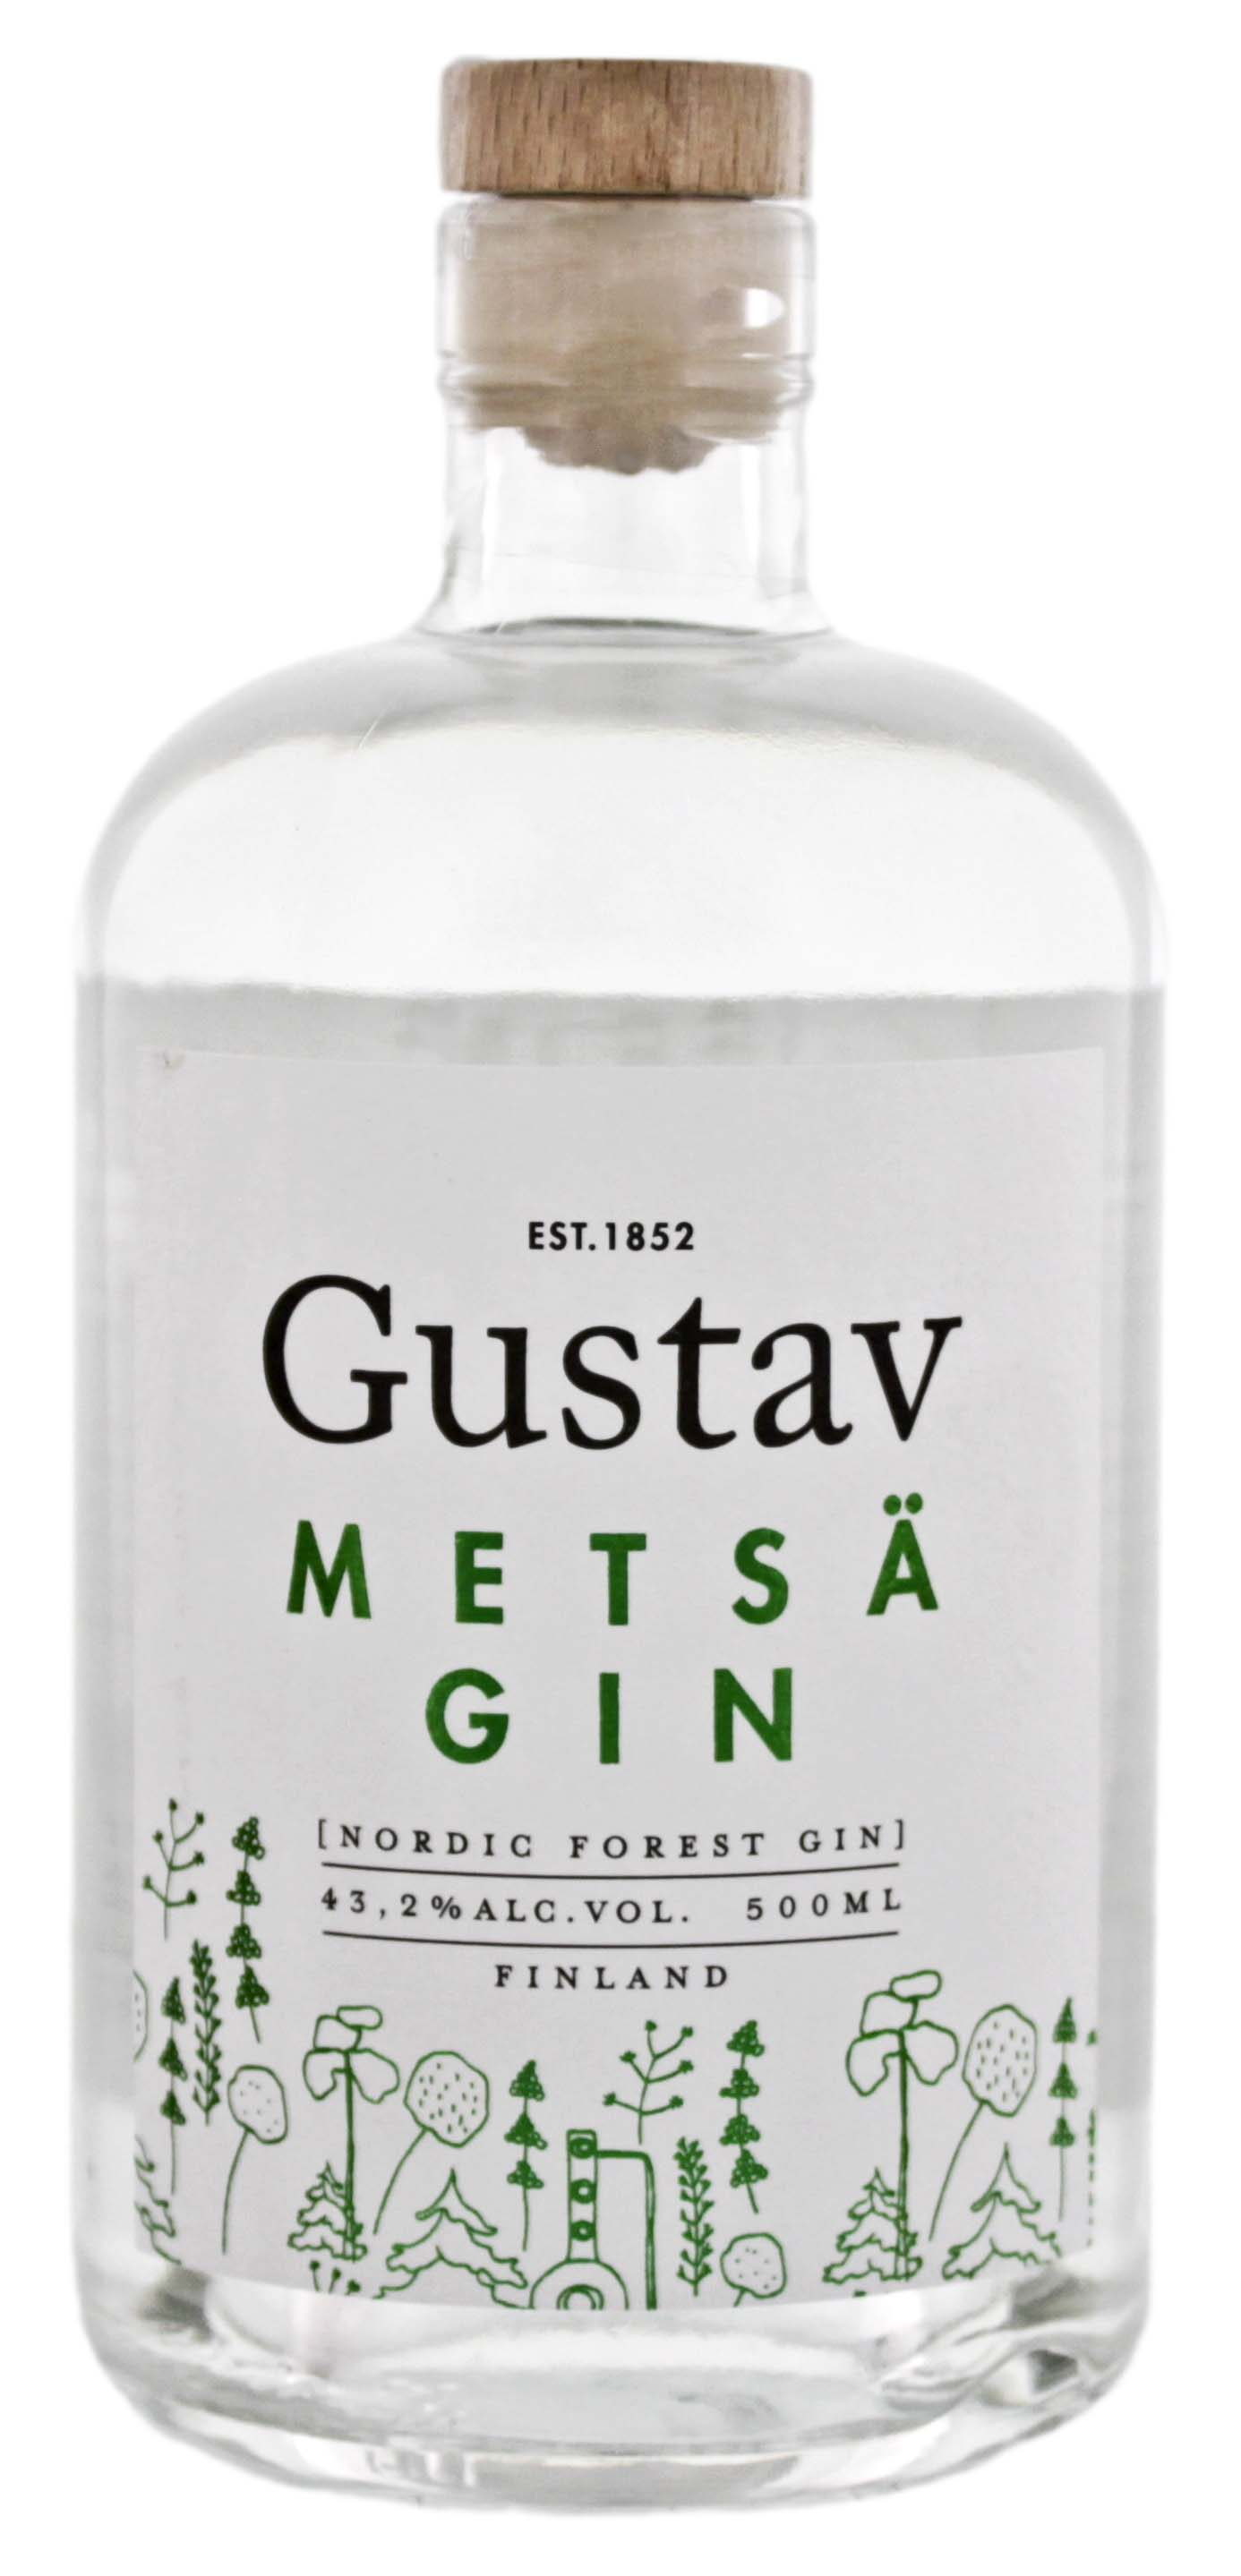 Gustav Metsä Gin 0,5L